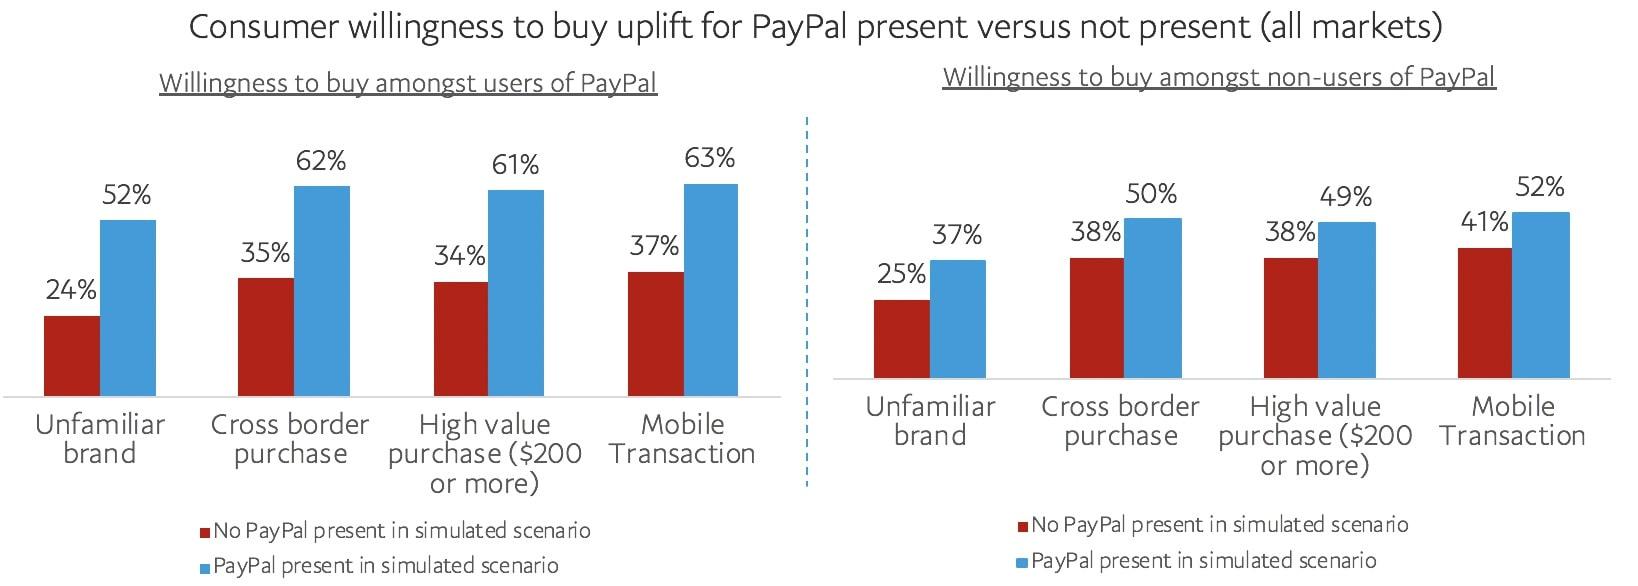 PayPalユーザーとPayPalユーザーでない人の購入意欲 グラフ